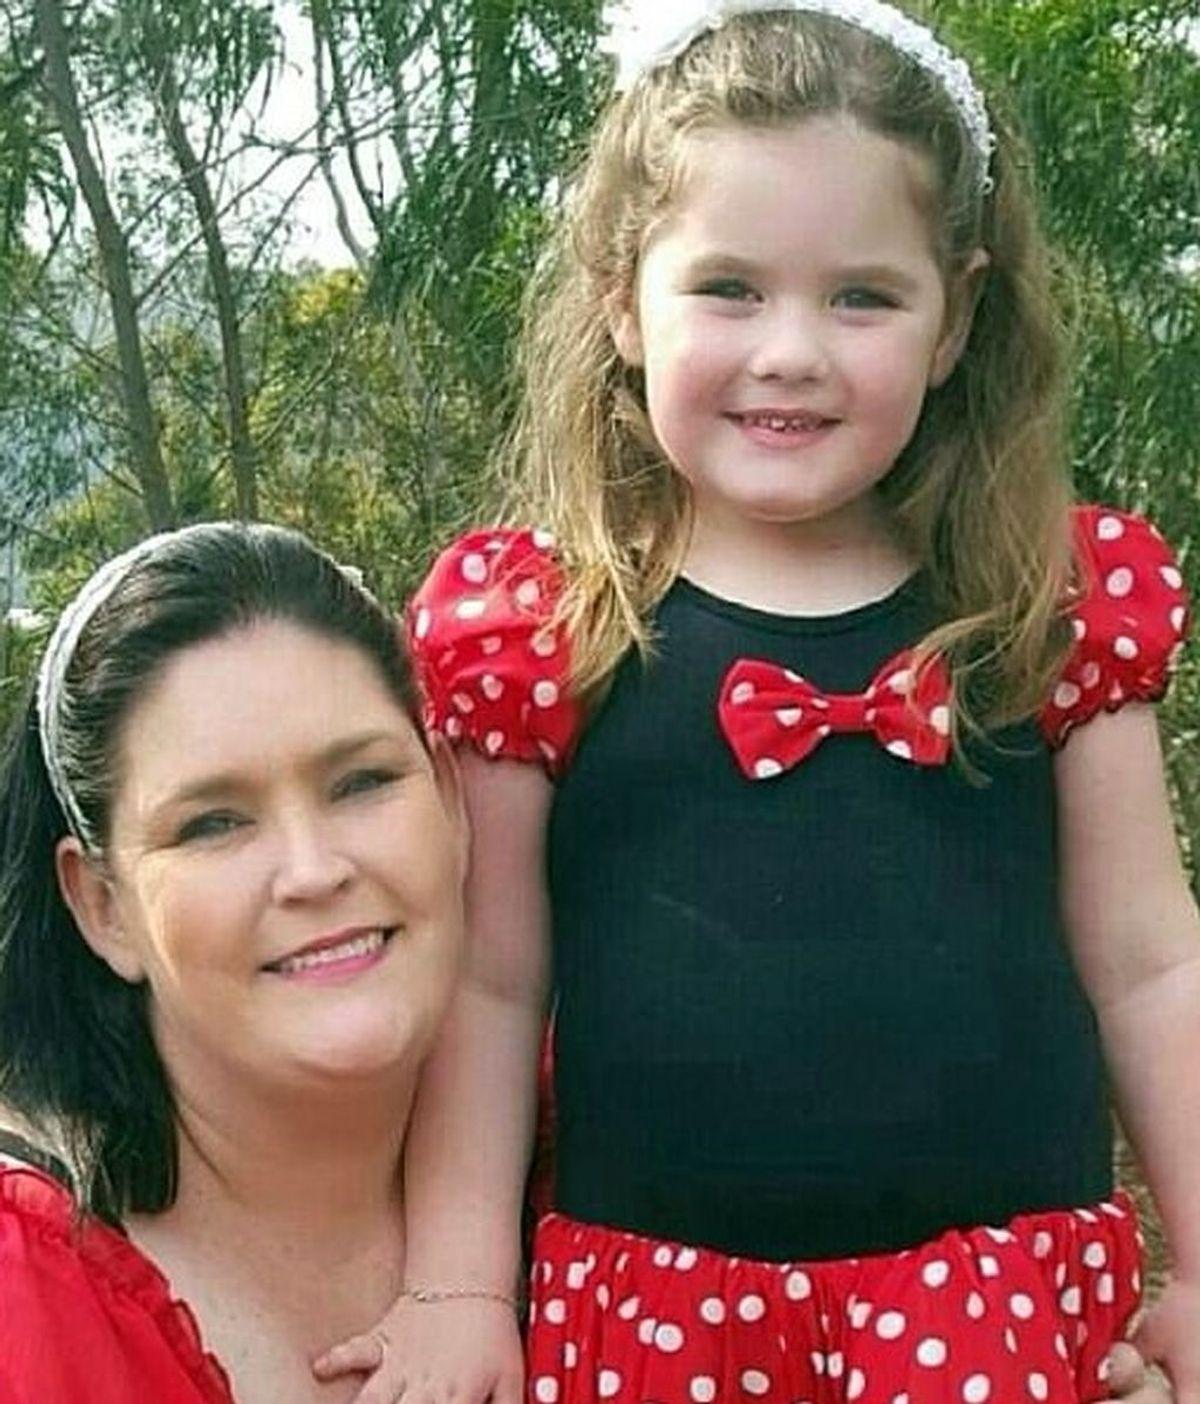 Una niña enfrenta la menopausia con tan sólo cinco años